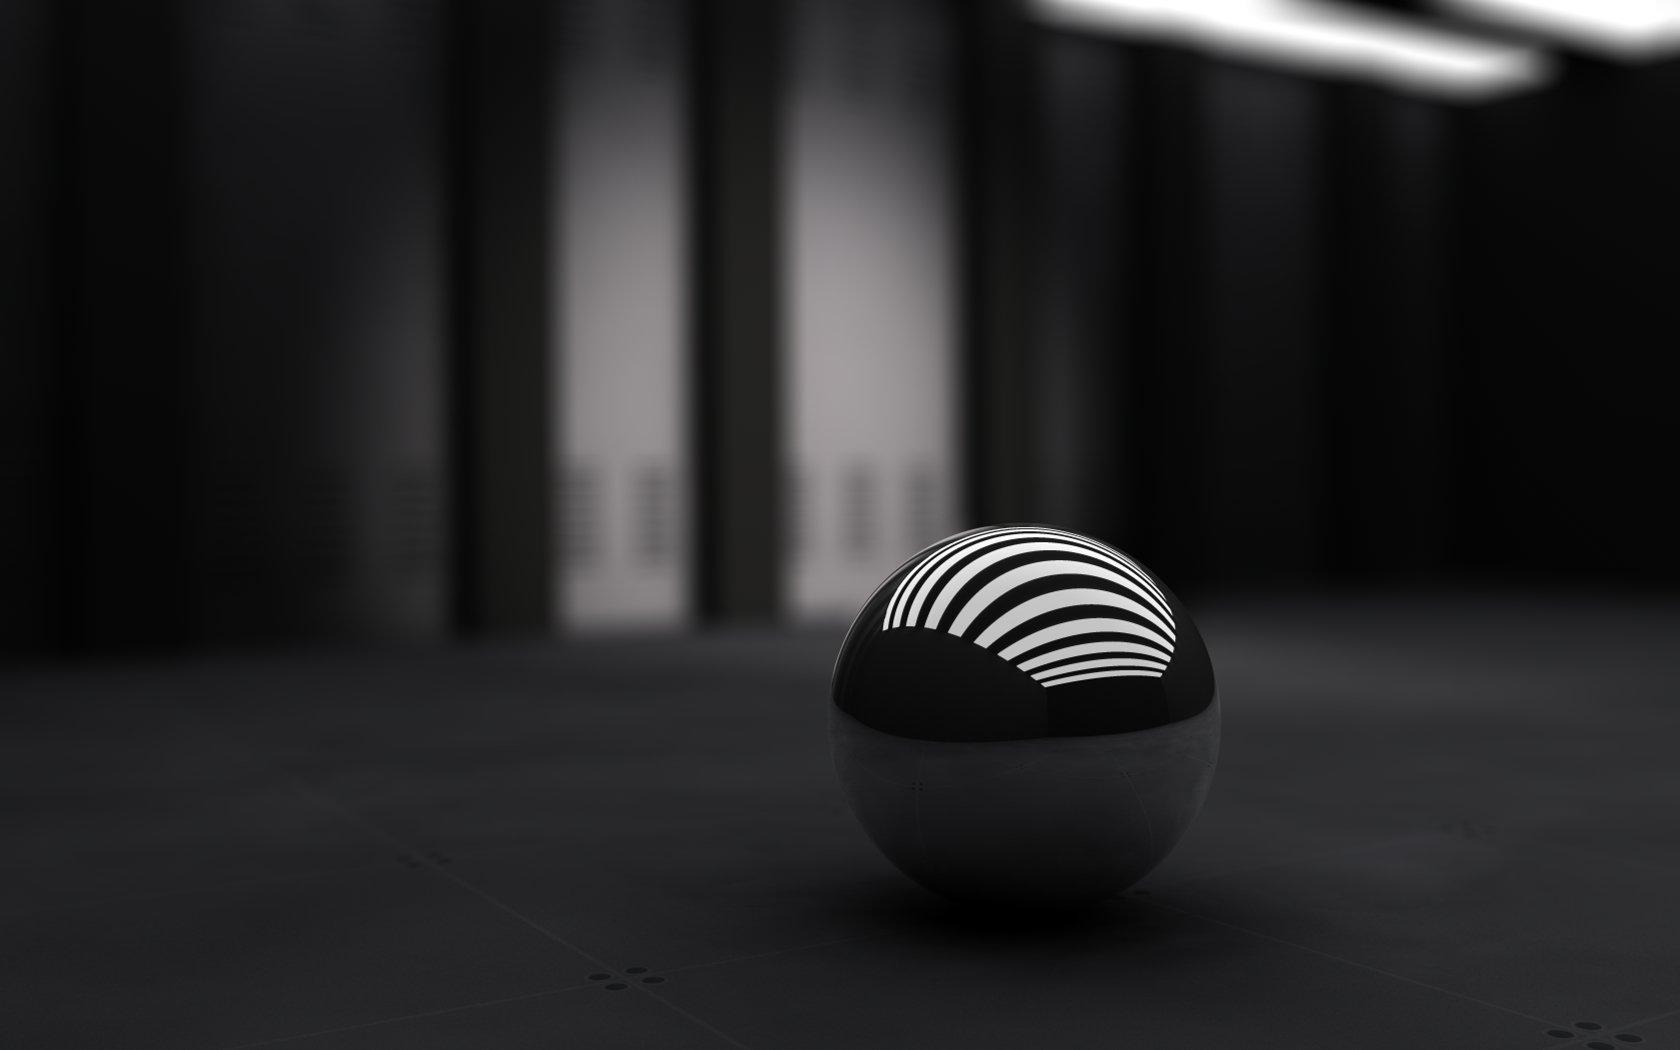 Immagini computerizzate - 3D  Sfondo